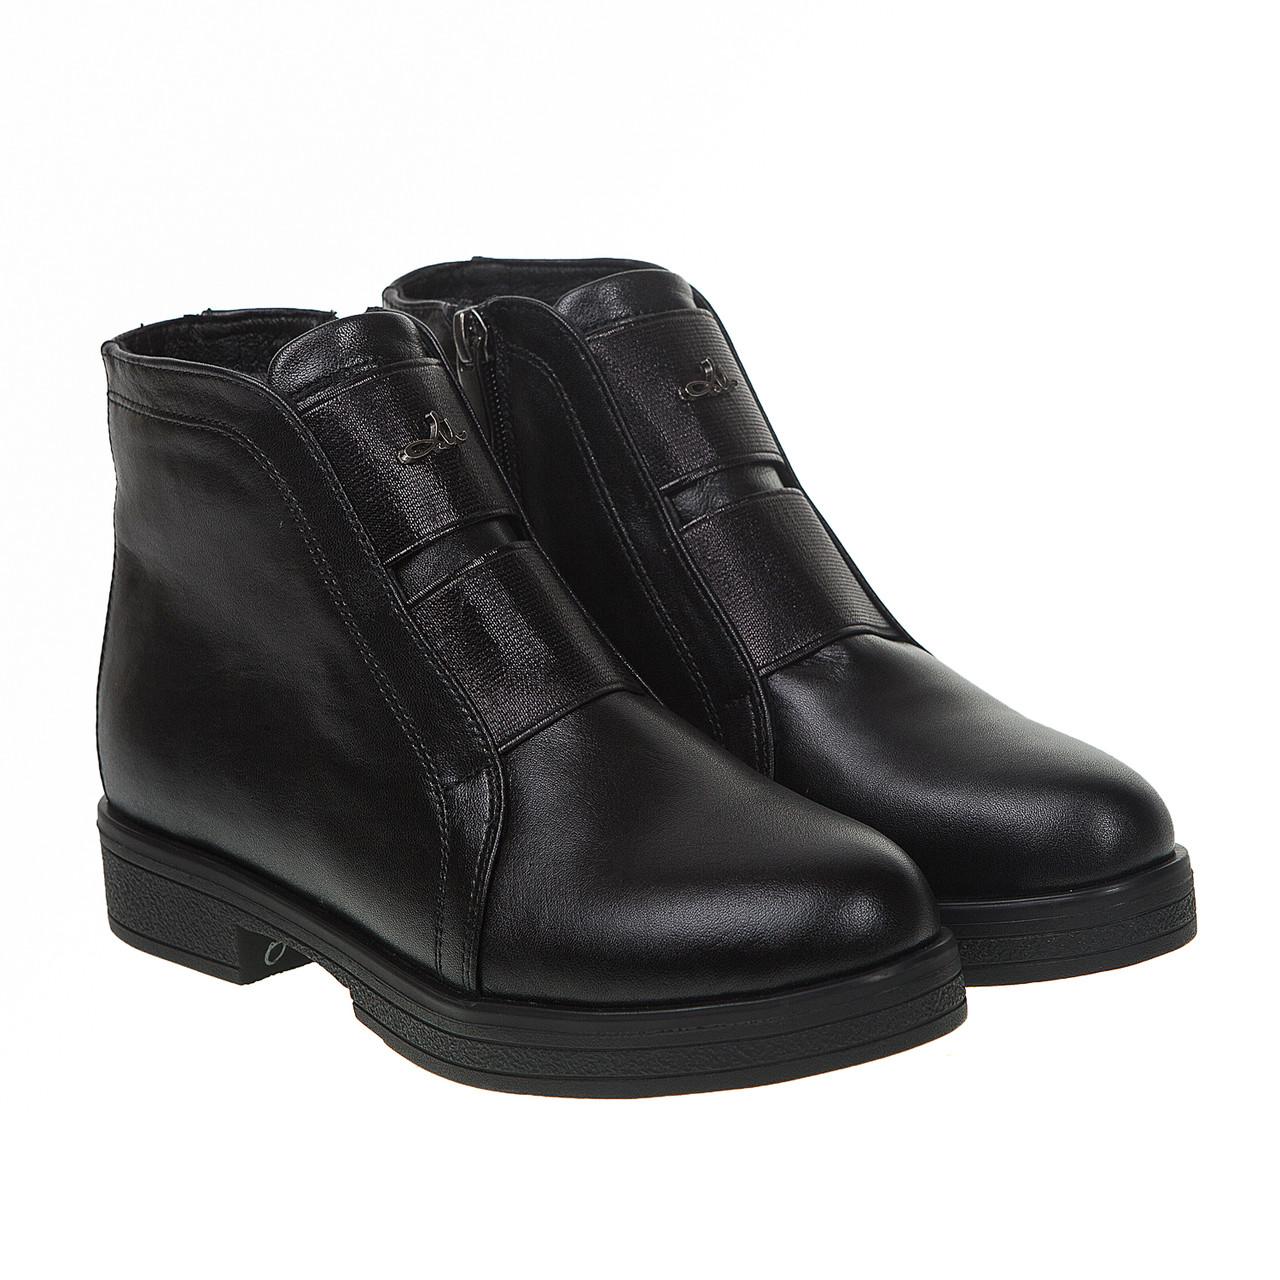 ee6f0d9c Ботинки женские Attico (черные, кожаные, с двумя резинками в передней части)